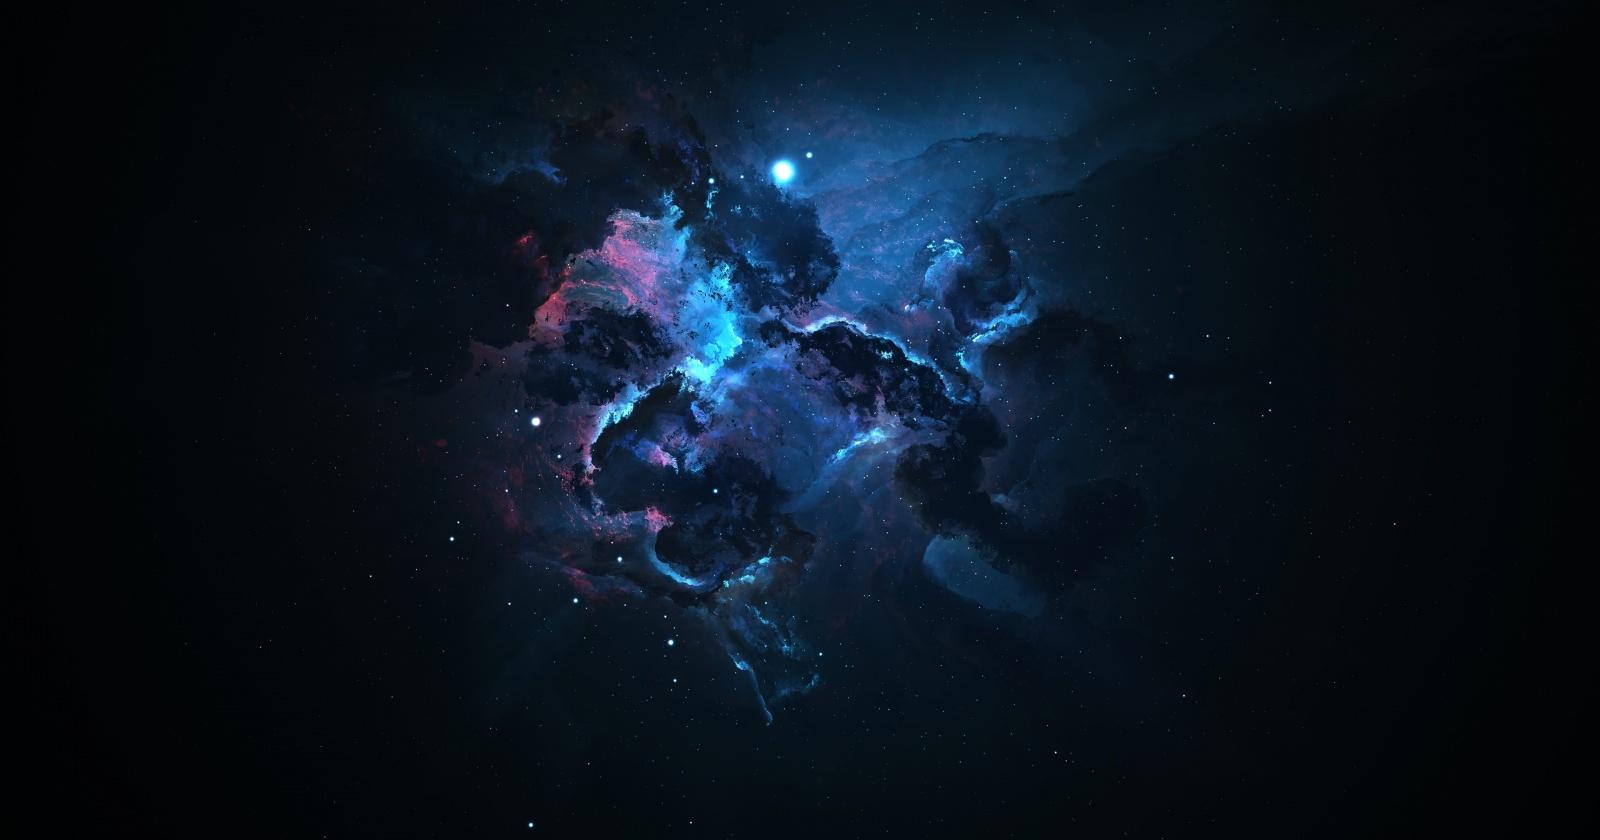 Древняя галактика оказалась полна темной материи: космическая аномалия